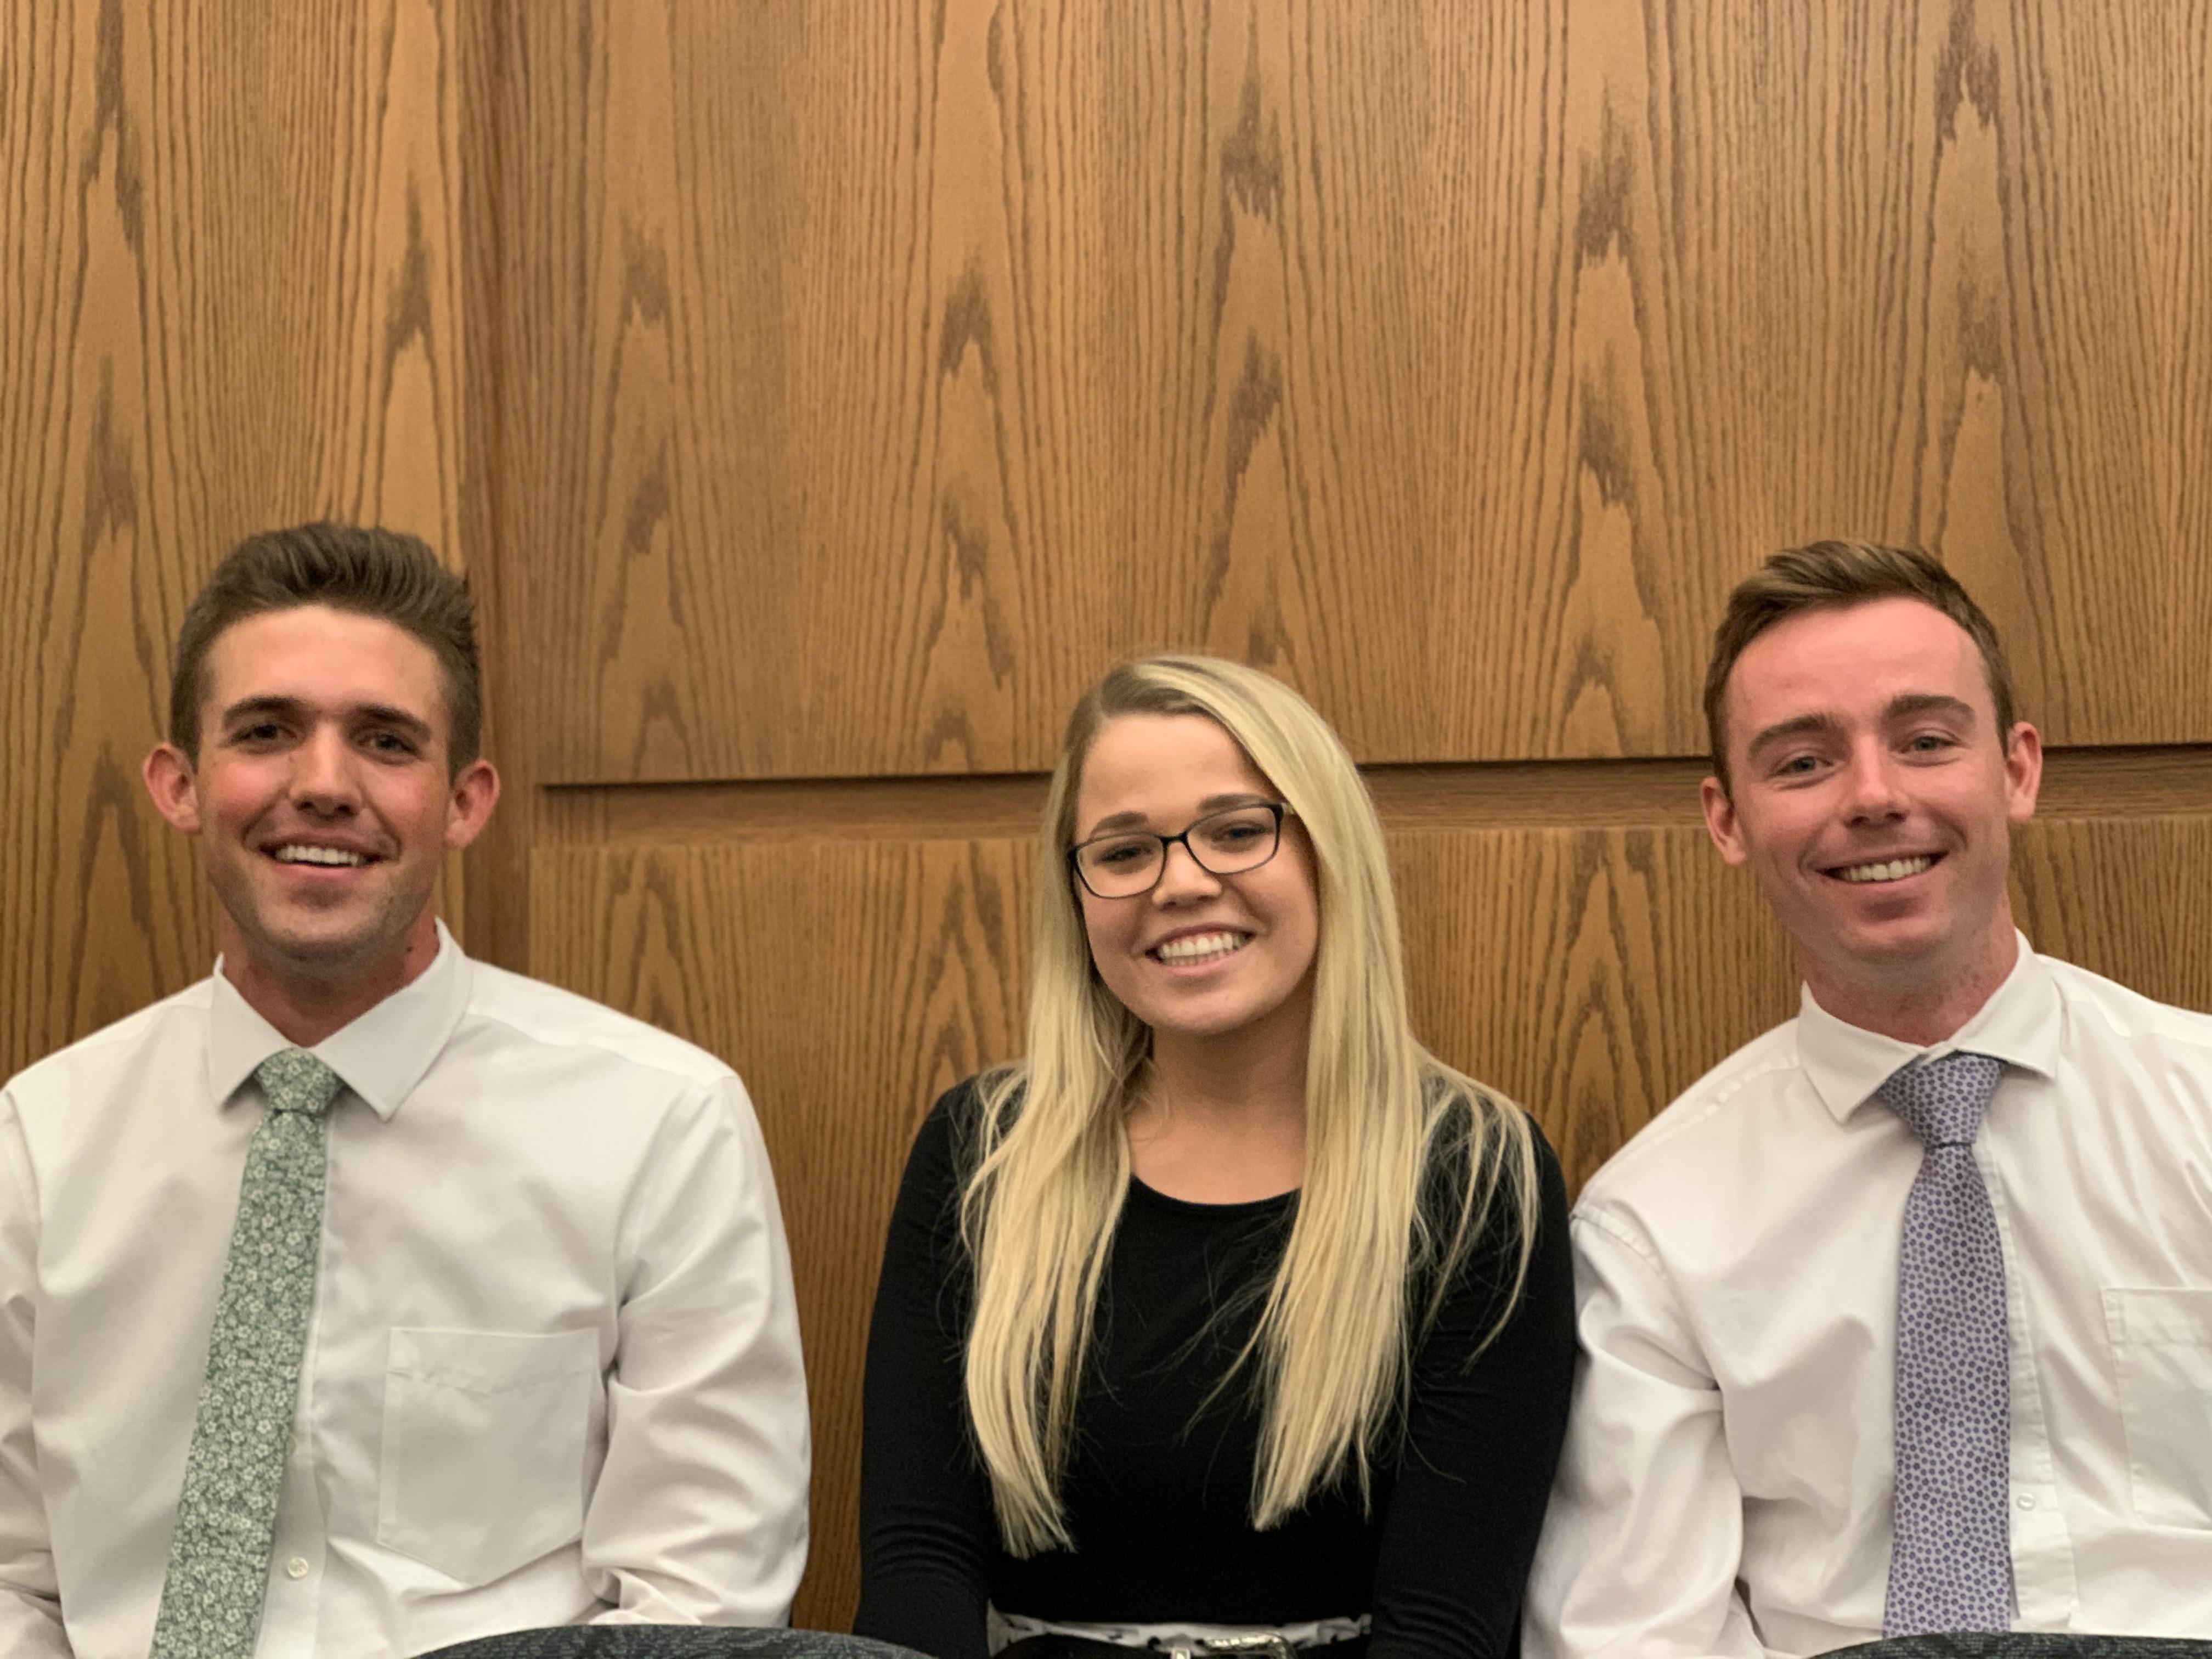 De izquierda a derecha, Dallan Larson, Reilly Ward y Matt Anderson, quienes asistieron a un devocional dado por el élder Ronald A. Rasband en el Instituto de Religión de Tempe Arizona, el 20 de octubre.